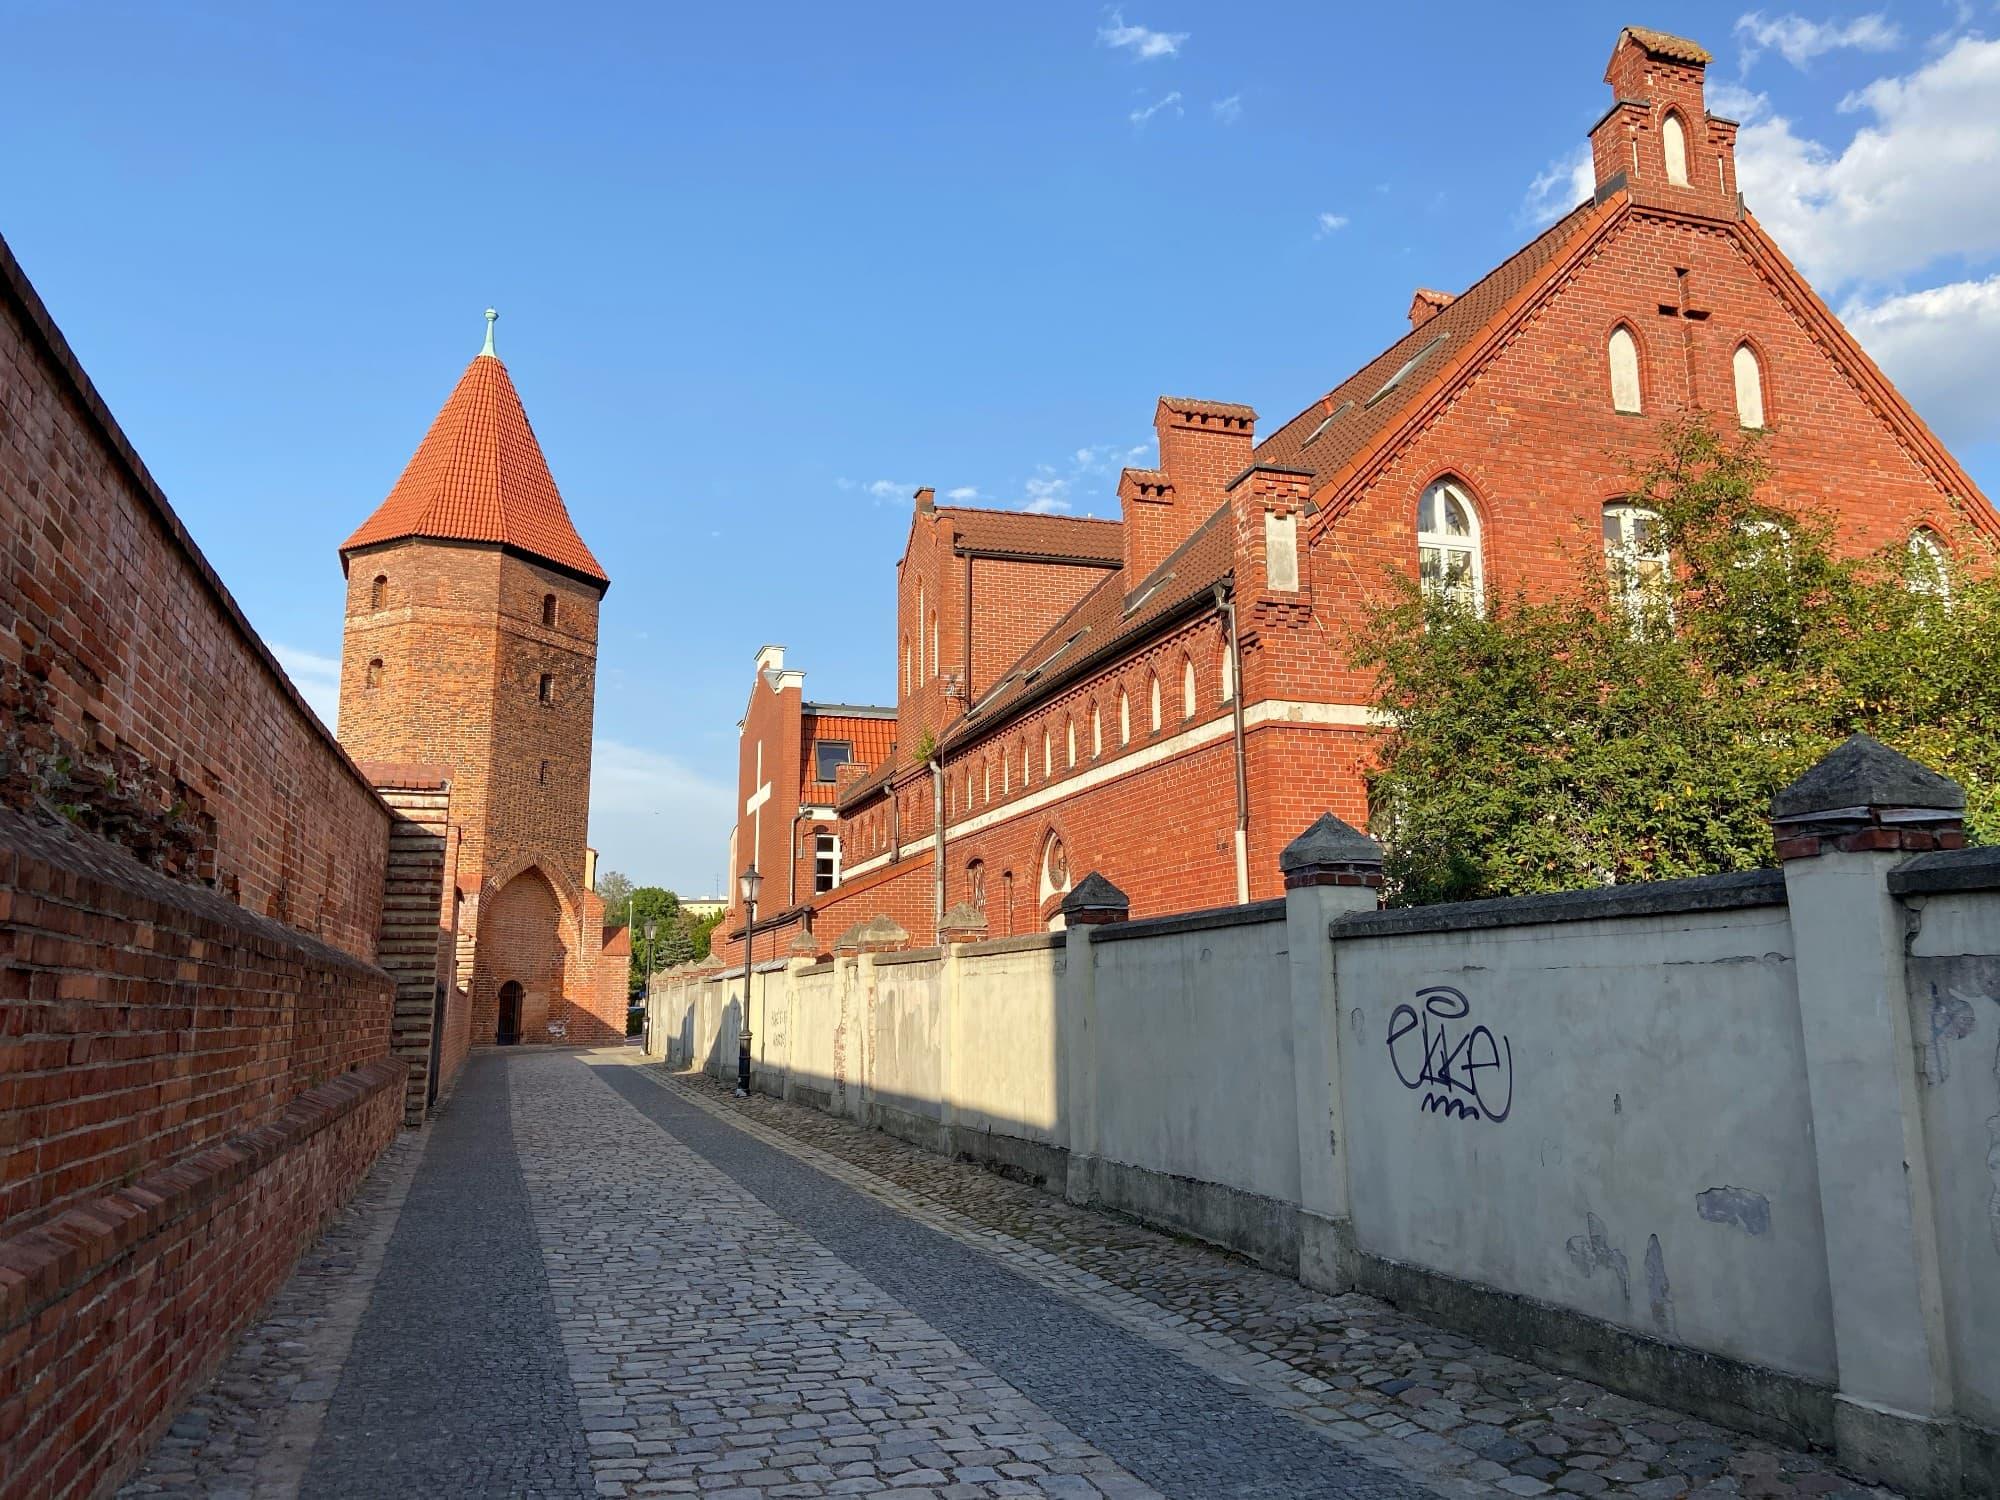 Lebork tower